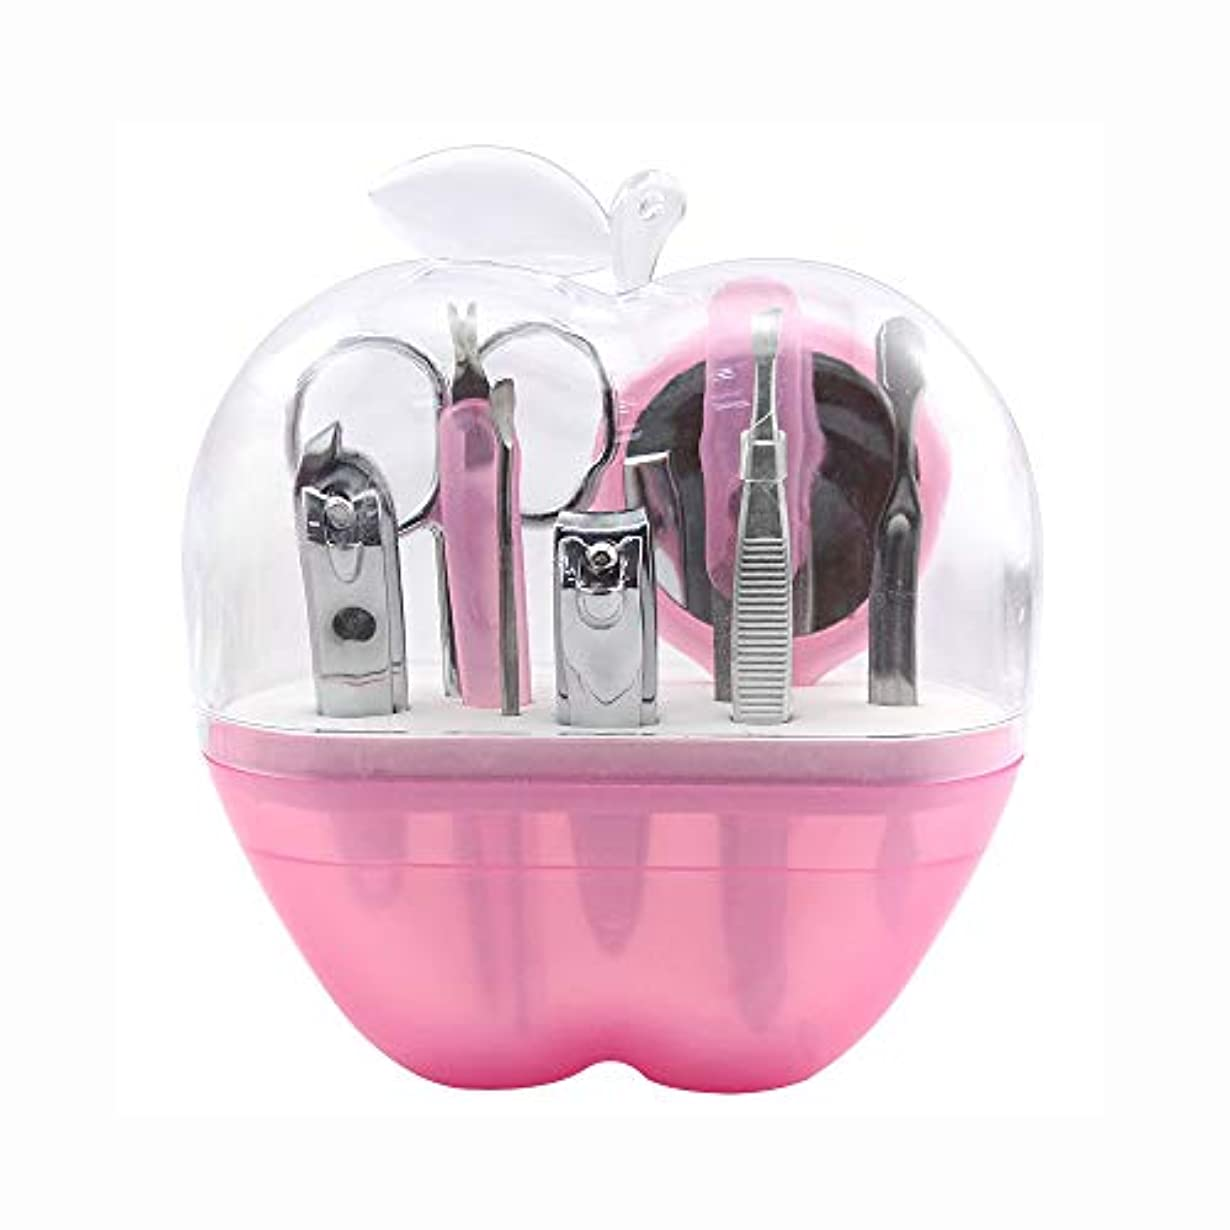 針バット事務所ファッション爪切りセット アップルネイルシザービューティーセット、ピンク、9点セット